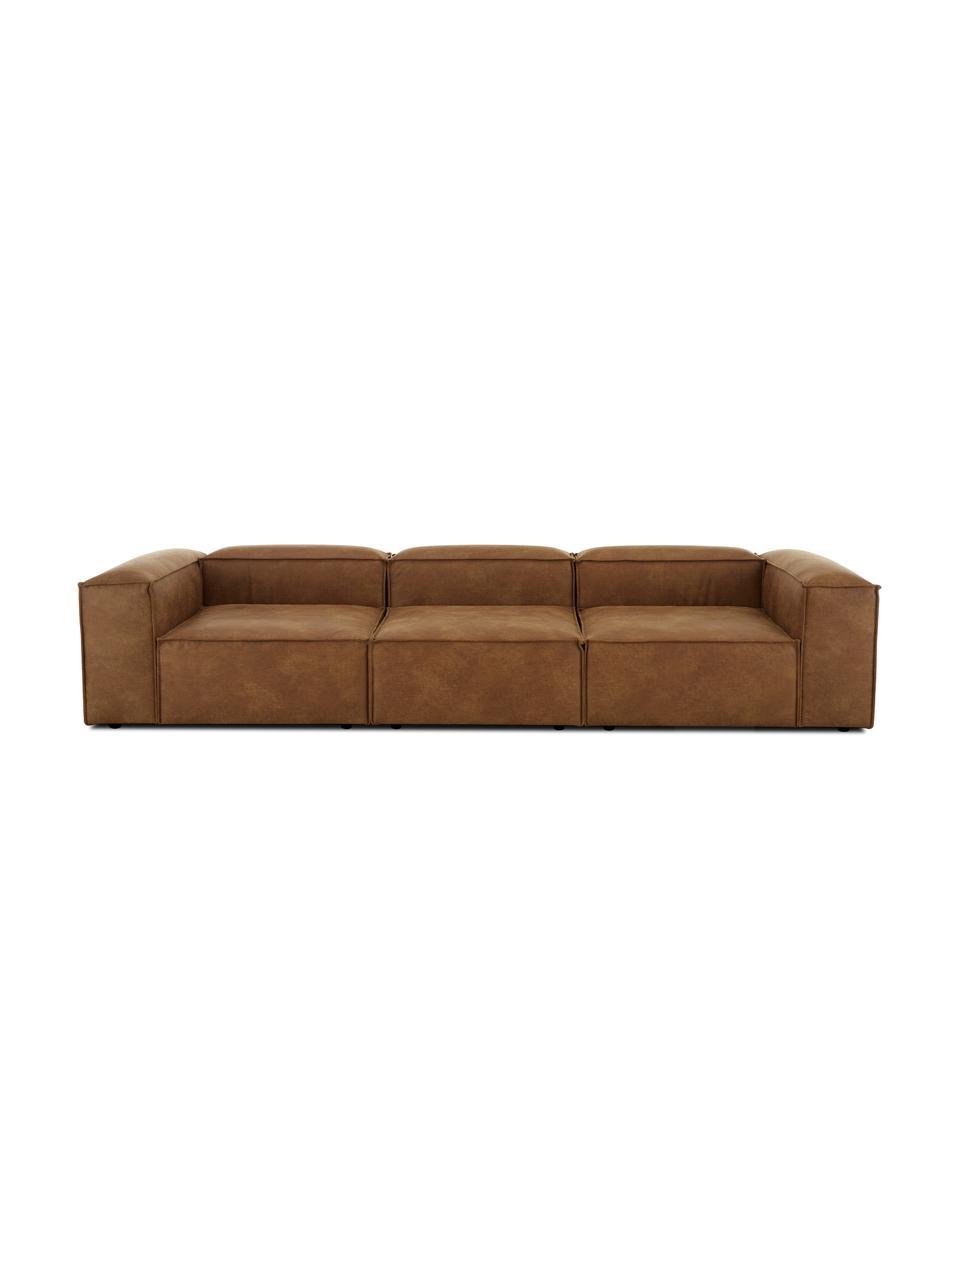 Sofa modułowa ze skóry z recyklingu Lennon (4-osobowa), Tapicerka: skóra z recyklingu (70% s, Nogi: tworzywo sztuczne Nogi zn, Skórzany brązowy, S 327 x G 119 cm